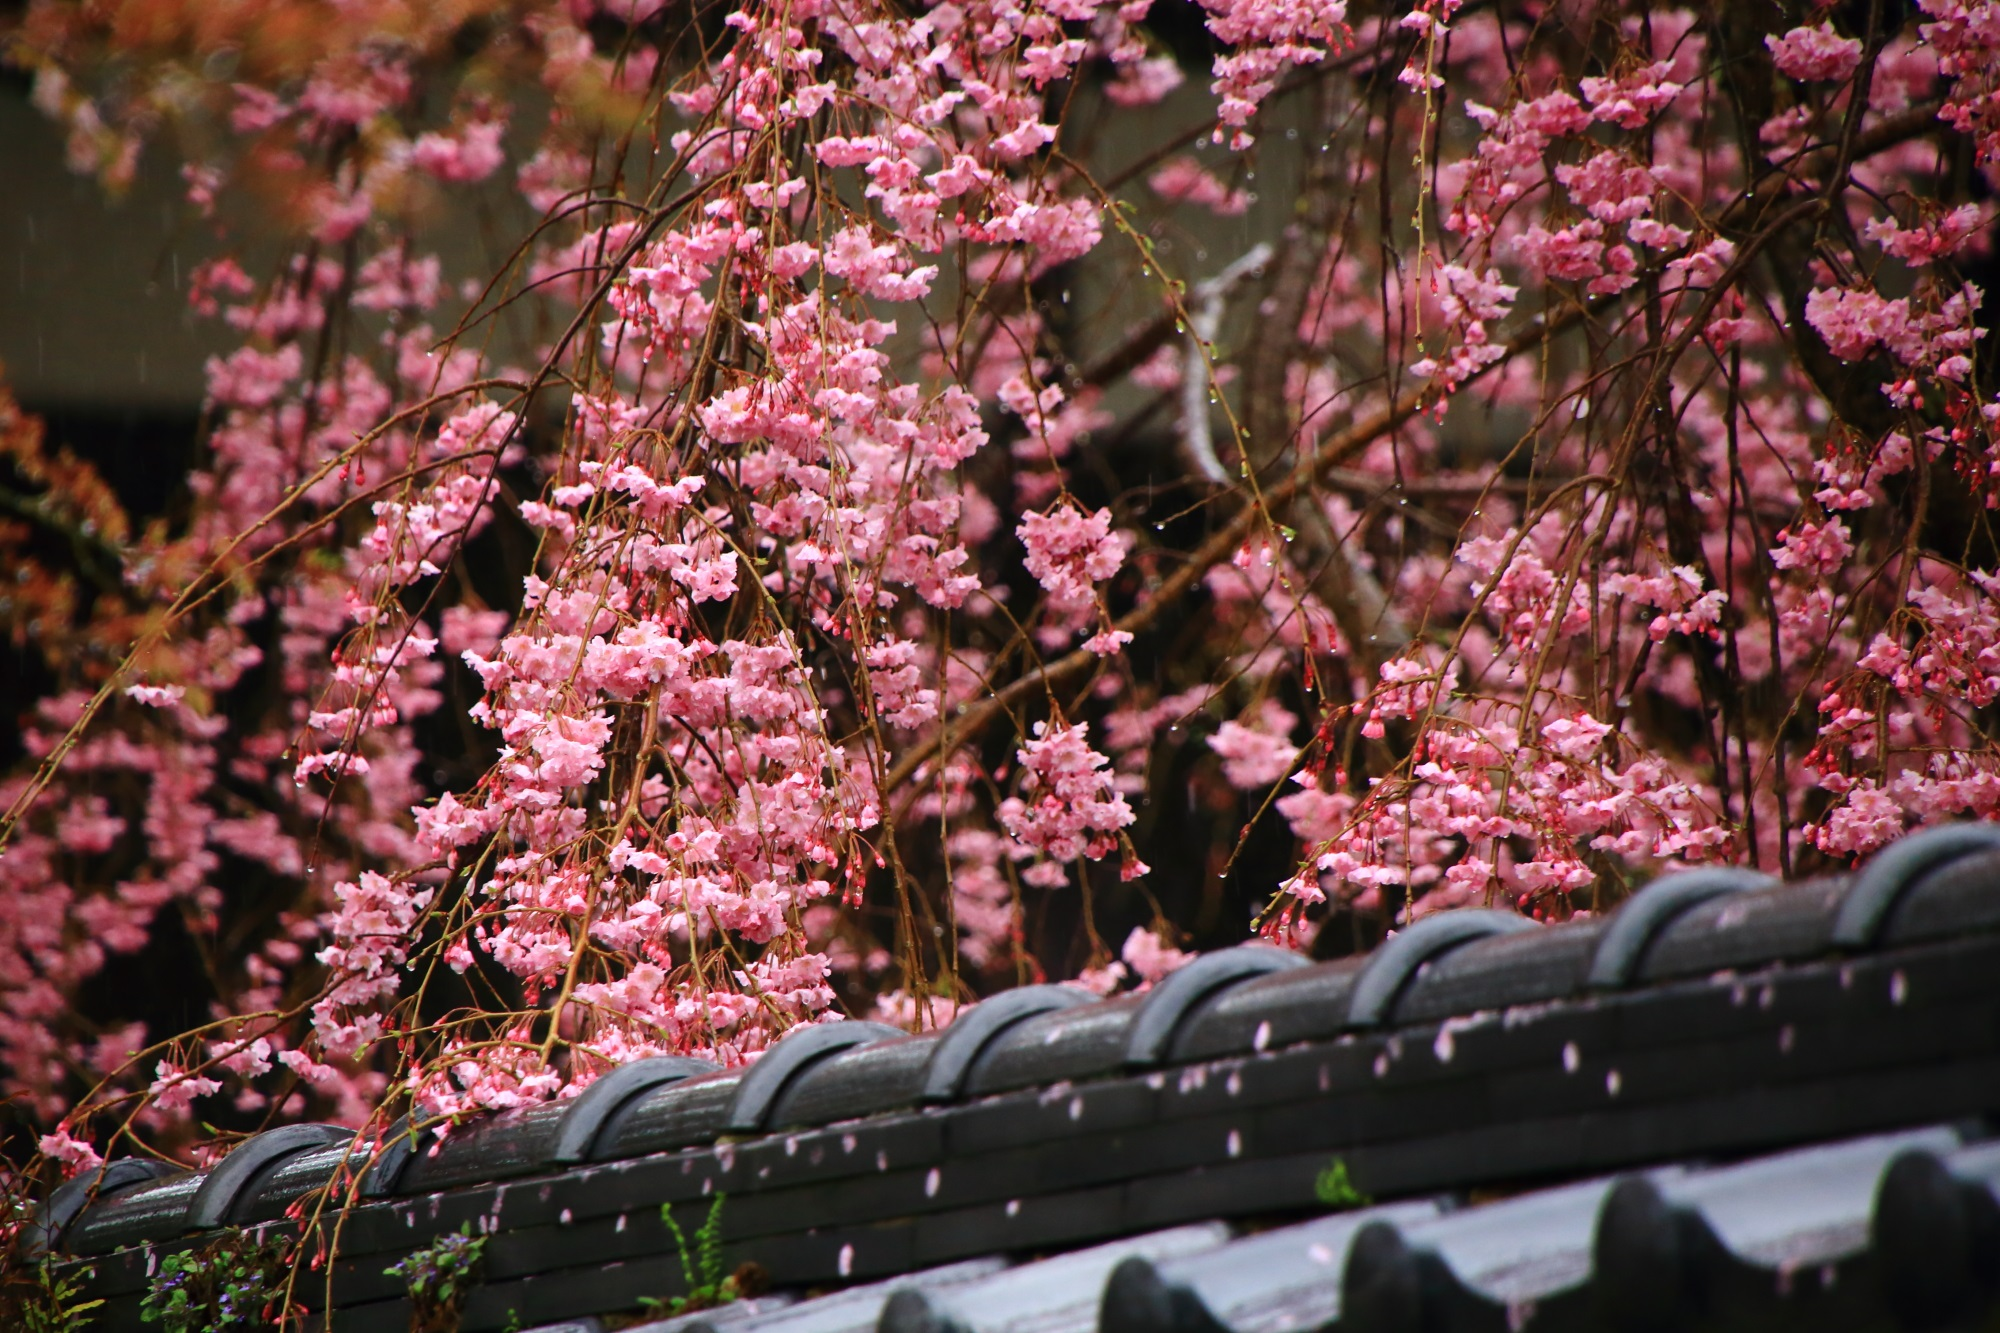 鮮やかなピンクの桜の花が溢れる実相院